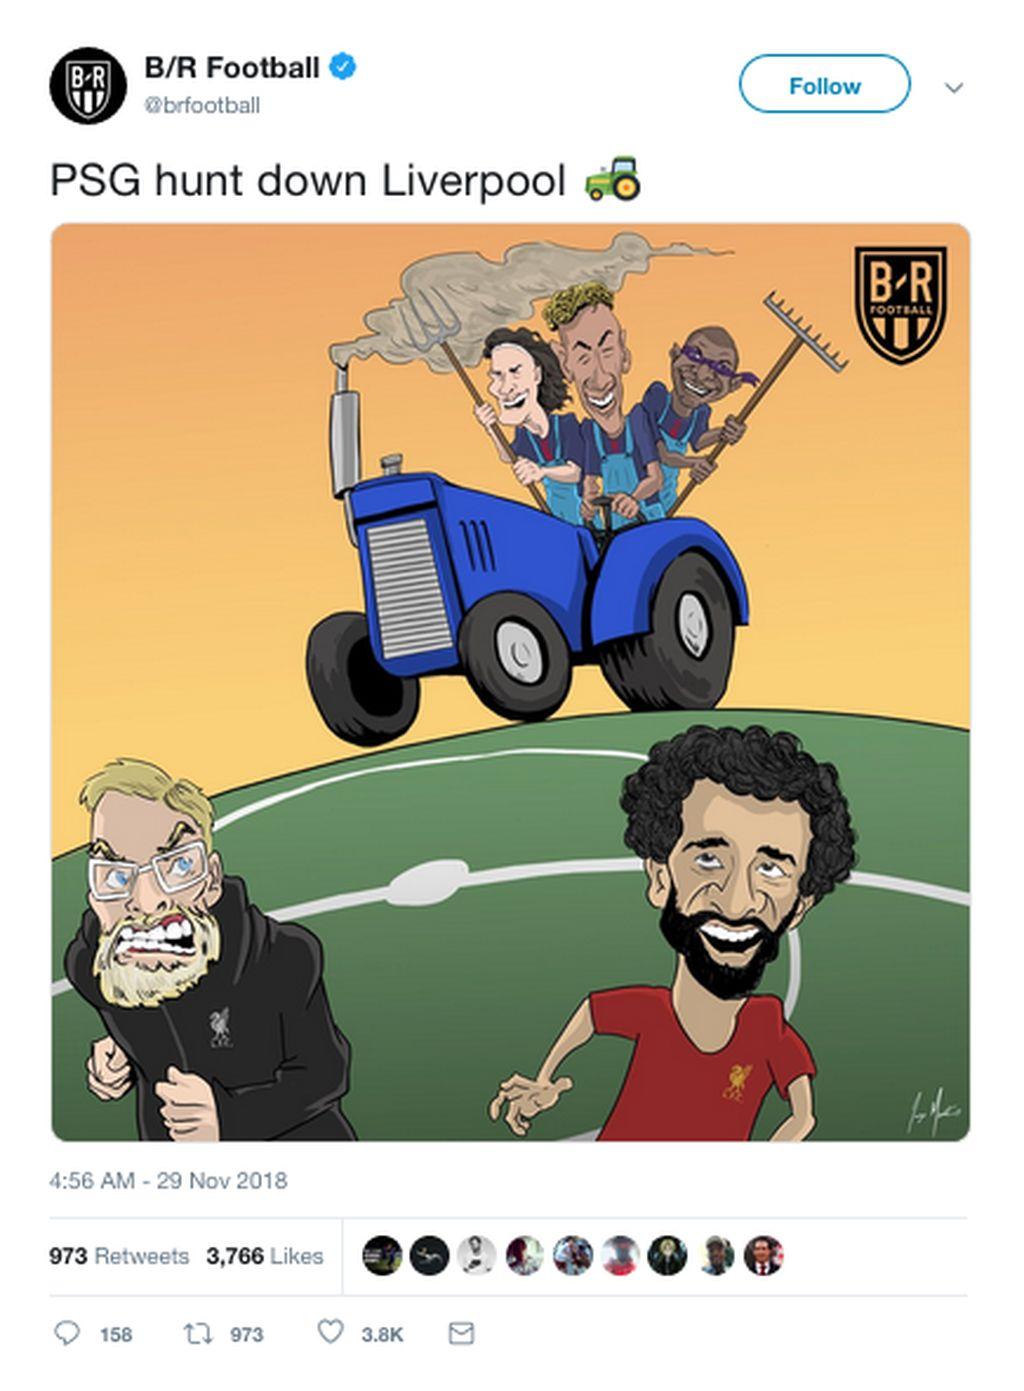 Liverpool kalah 1-2 di markas PSG. Hasil itu membuat The Reds kini menempati posisi ketiga grup dan terancam tergusur dari Liga Champions. (Foto: Internet/Twitter)